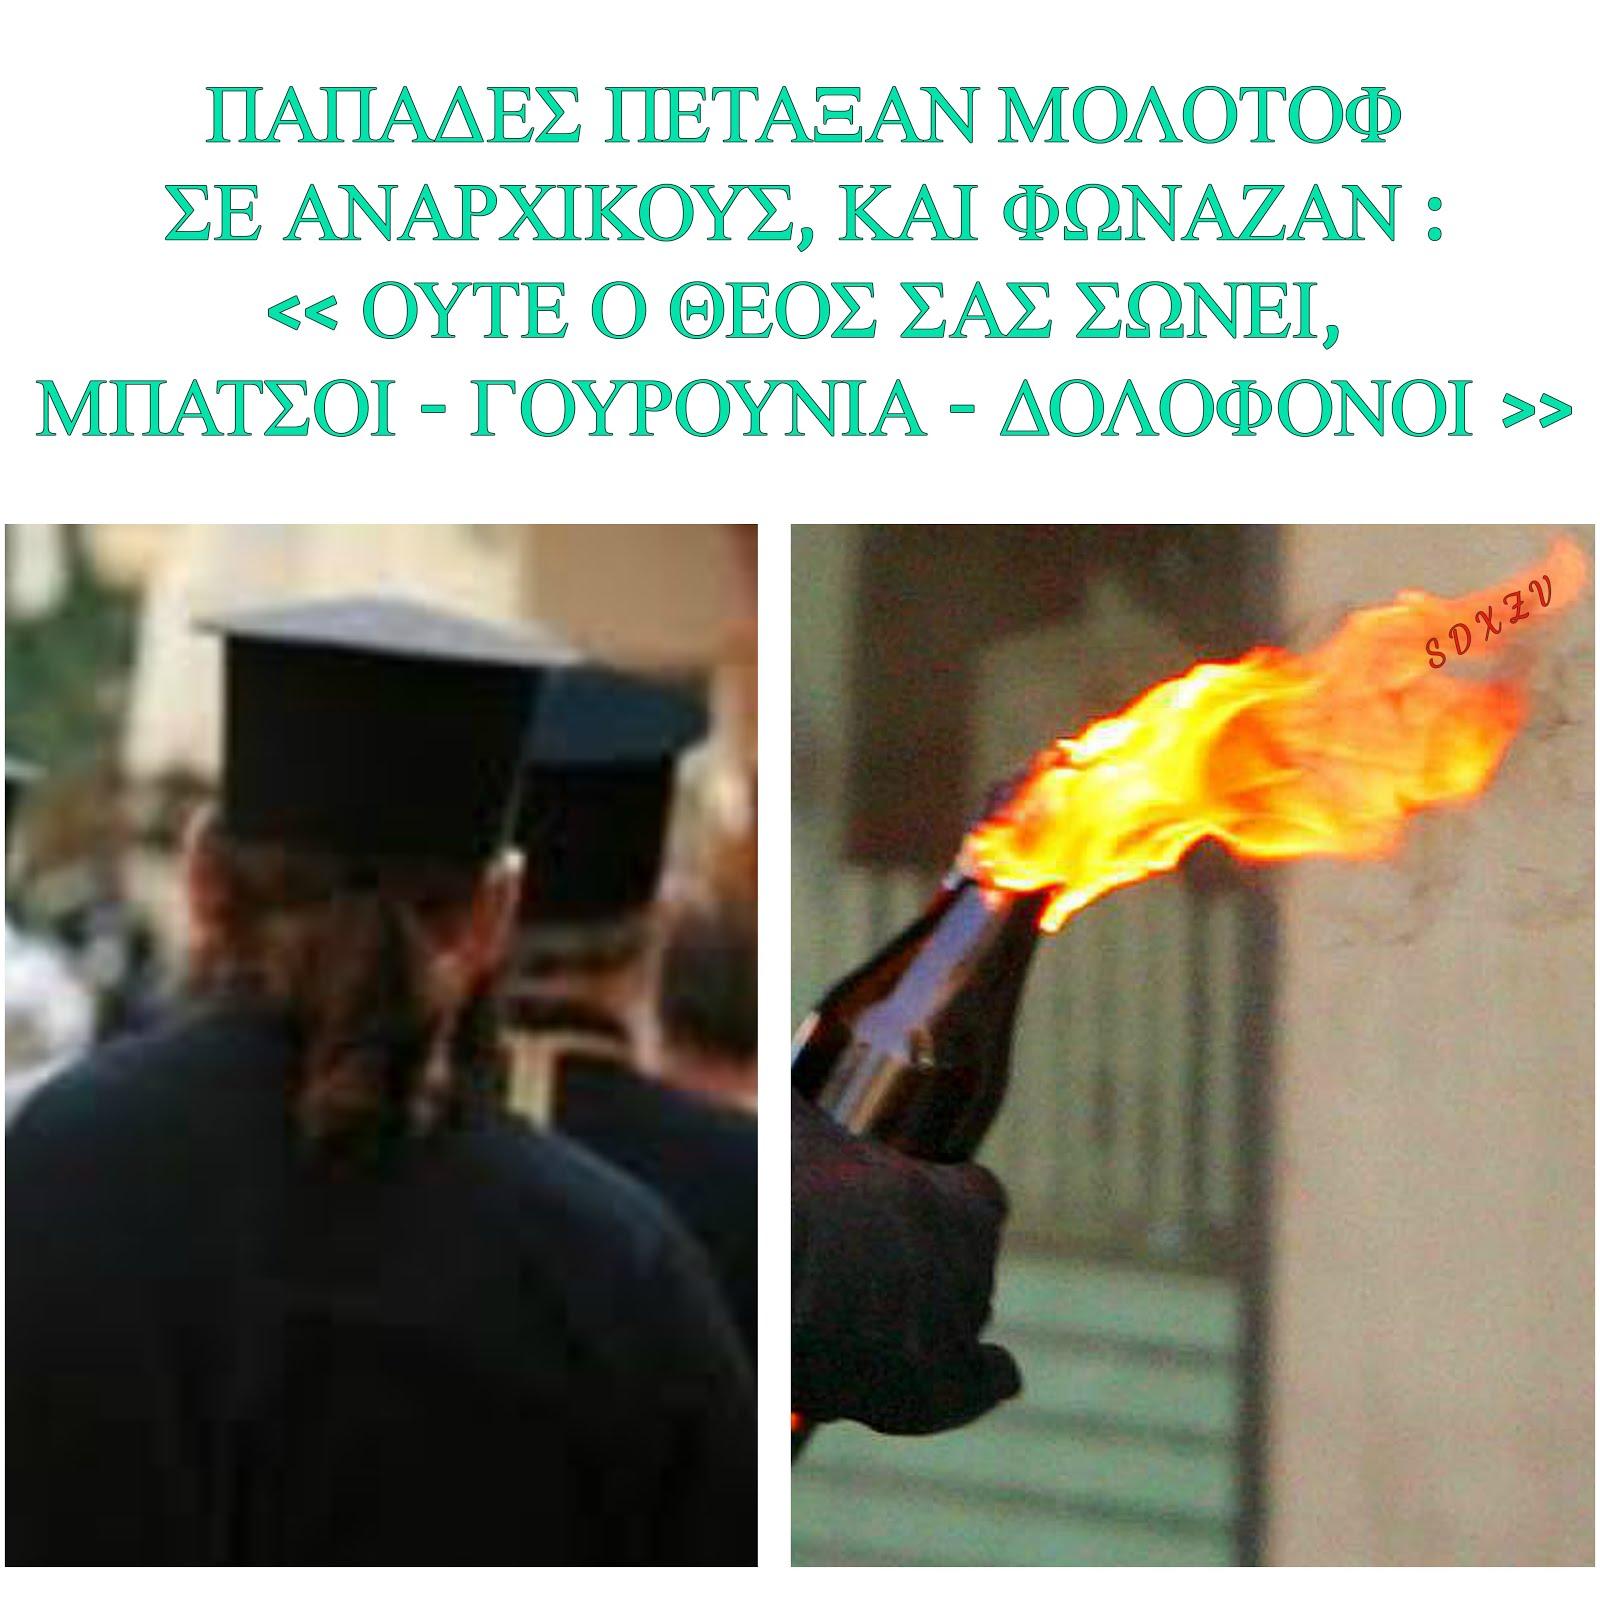 Ιερείς ρίξανε molotov σε αντιεξουσιαστές !